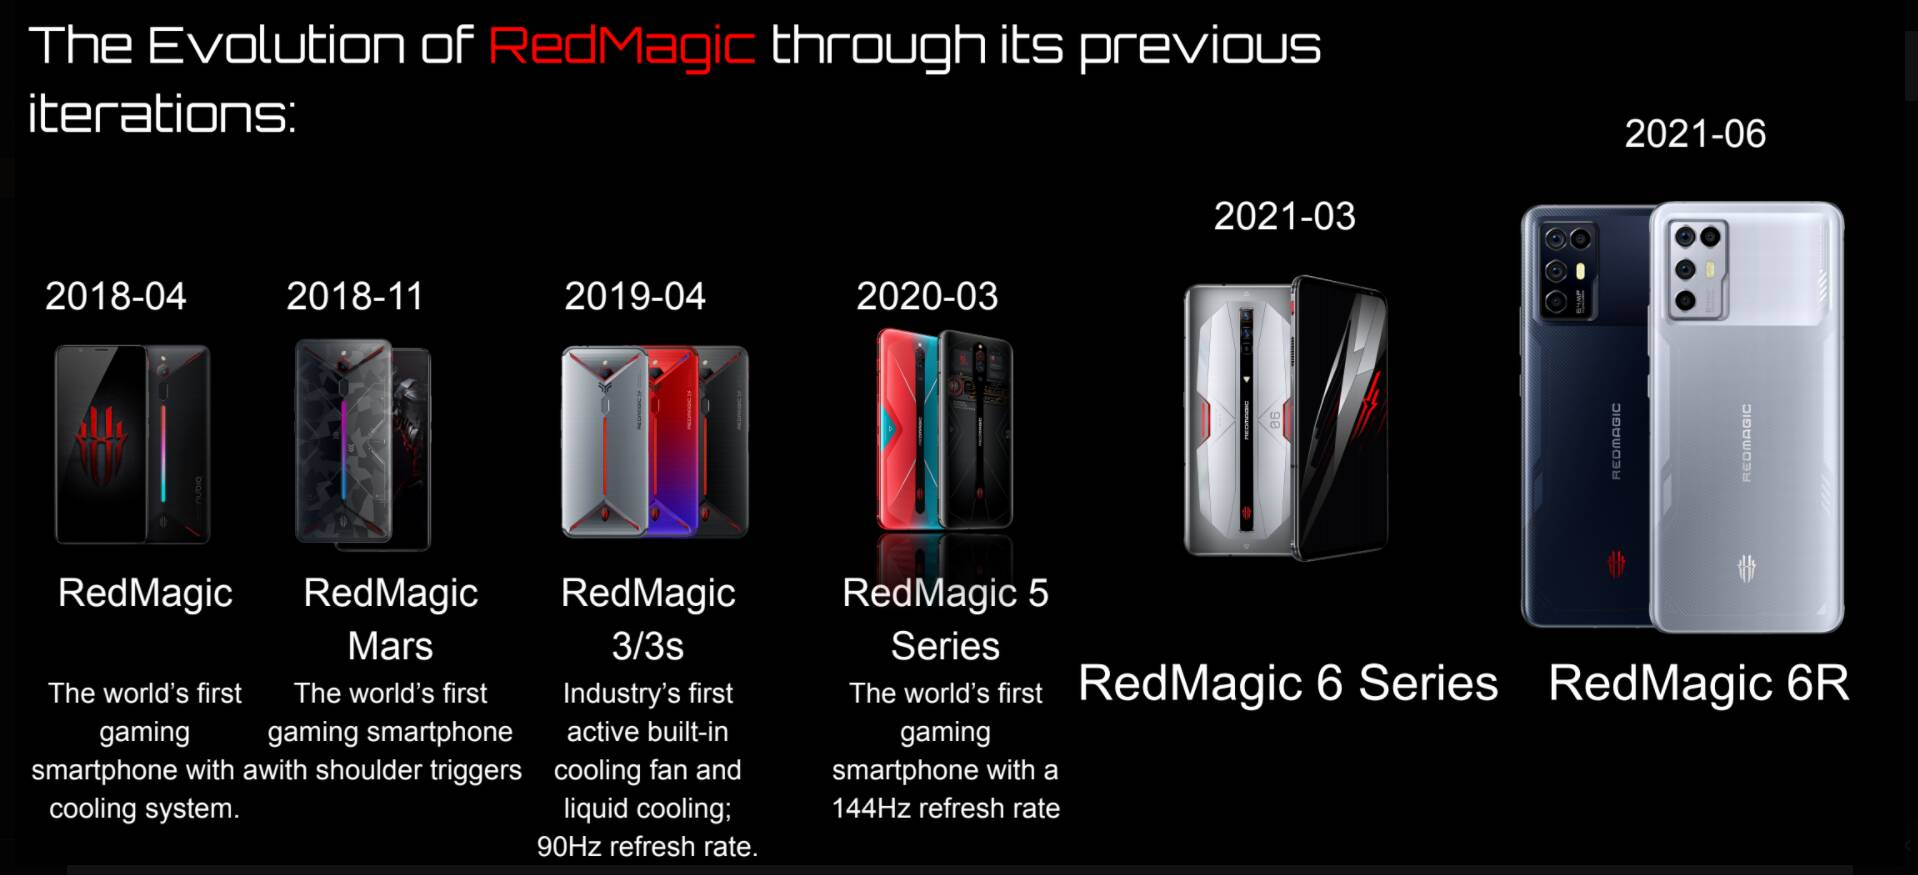 RedMagic 6R